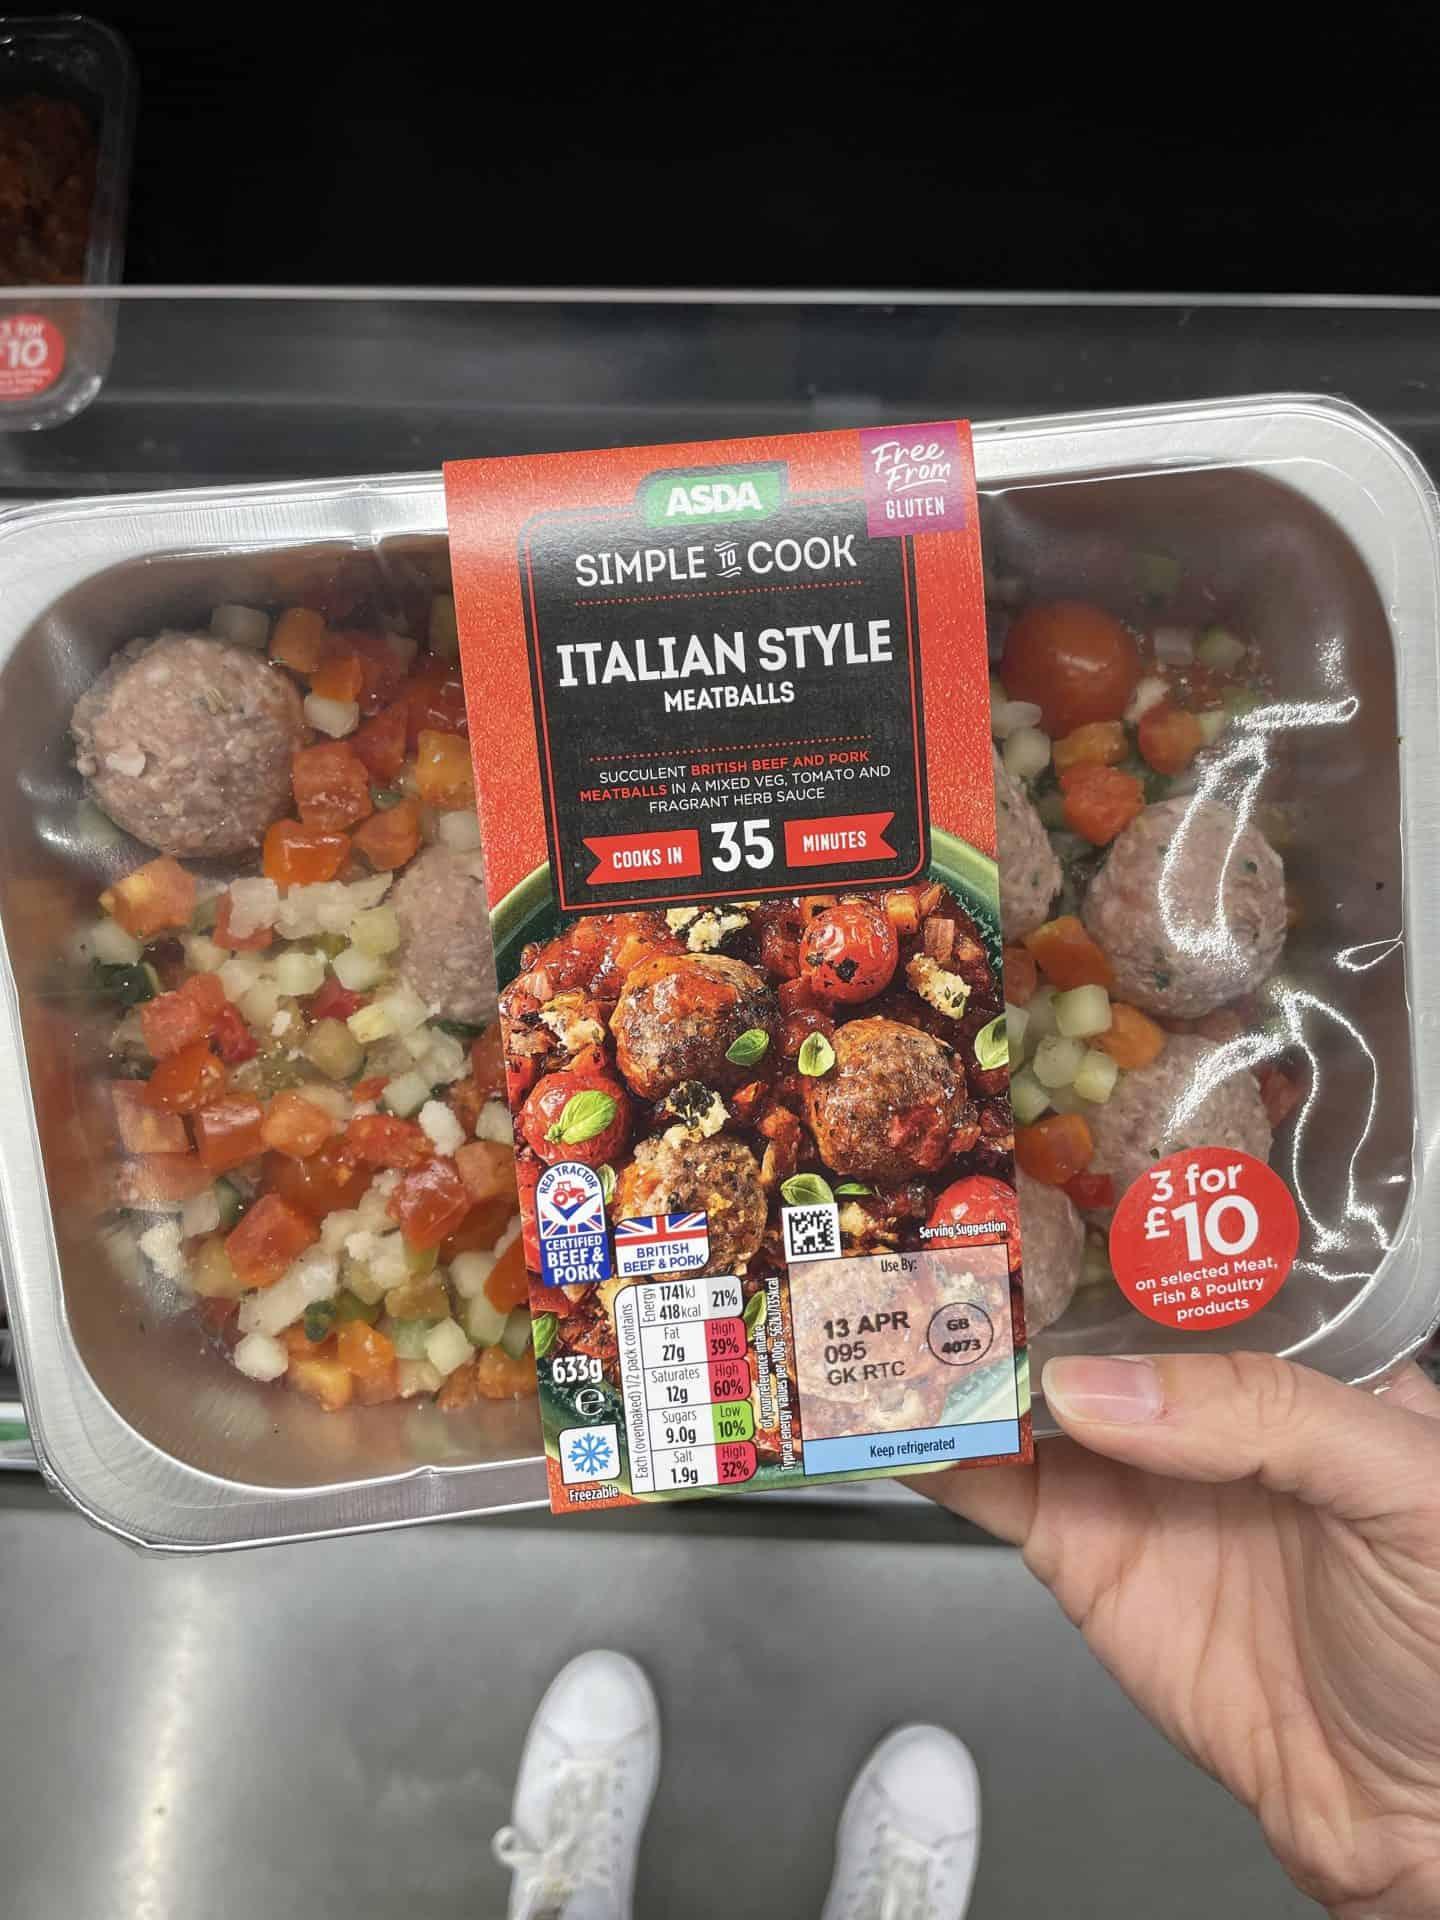 Asda Italian meatballs kit gluten free